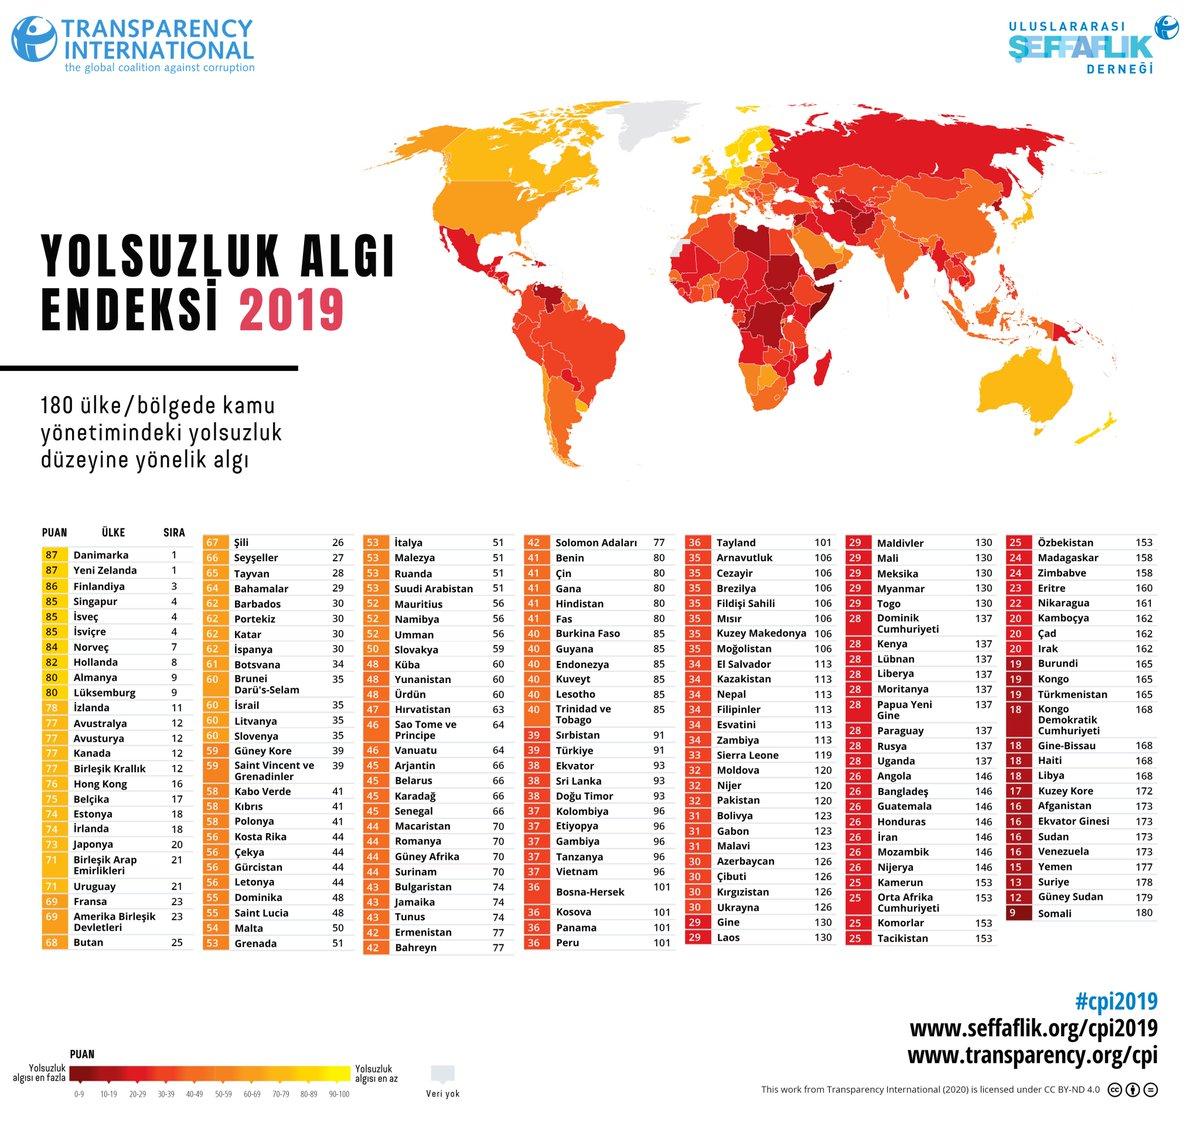 Uluslararası Şeffaflık Örgütü, 2019 Yolsuzluk Algı Endeksi sonuçlarını açıkladı!